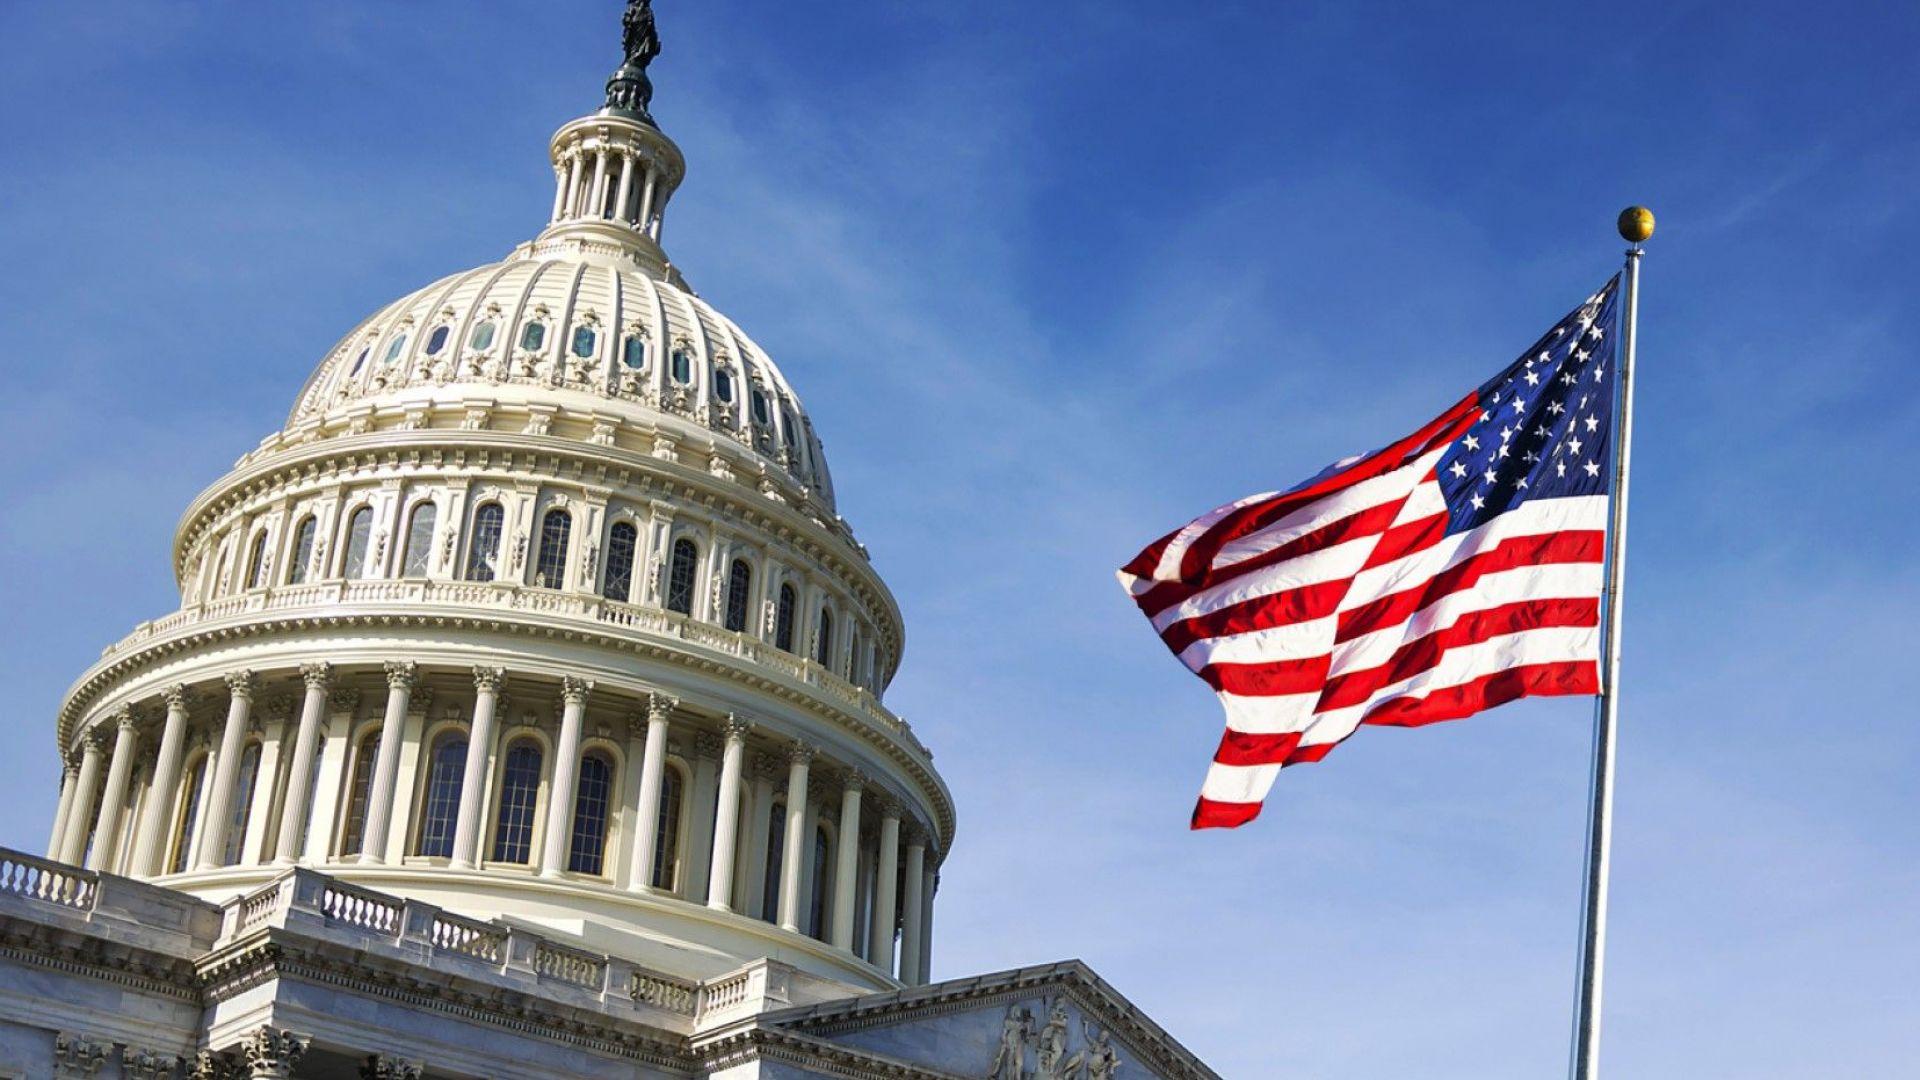 САЩ приеха законопроект за санкции срещу Китай заради правата на уйгурите